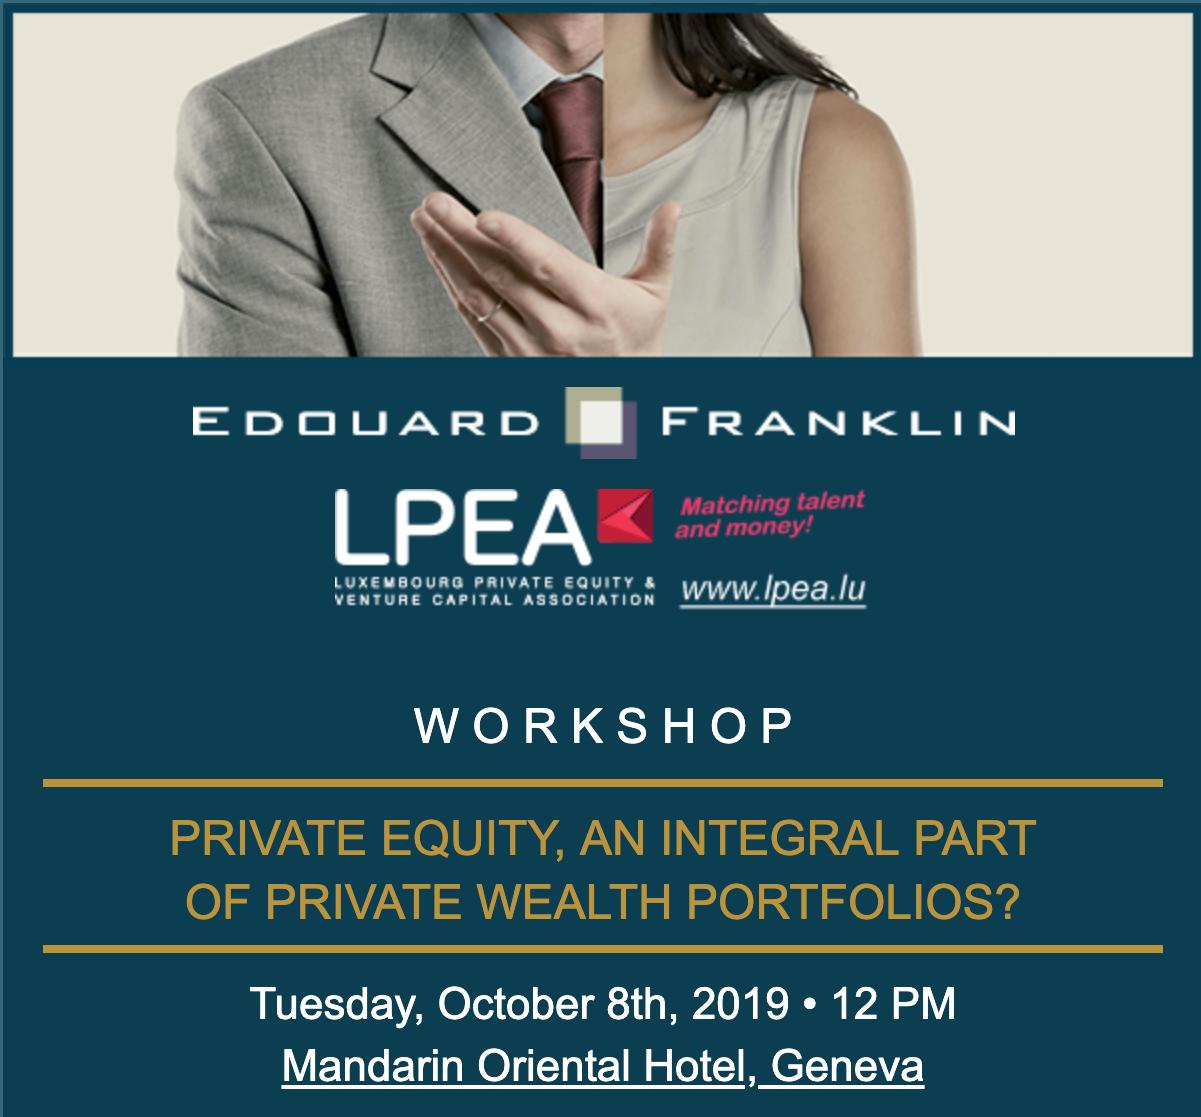 eduard franklin conference 1st part of banner 1